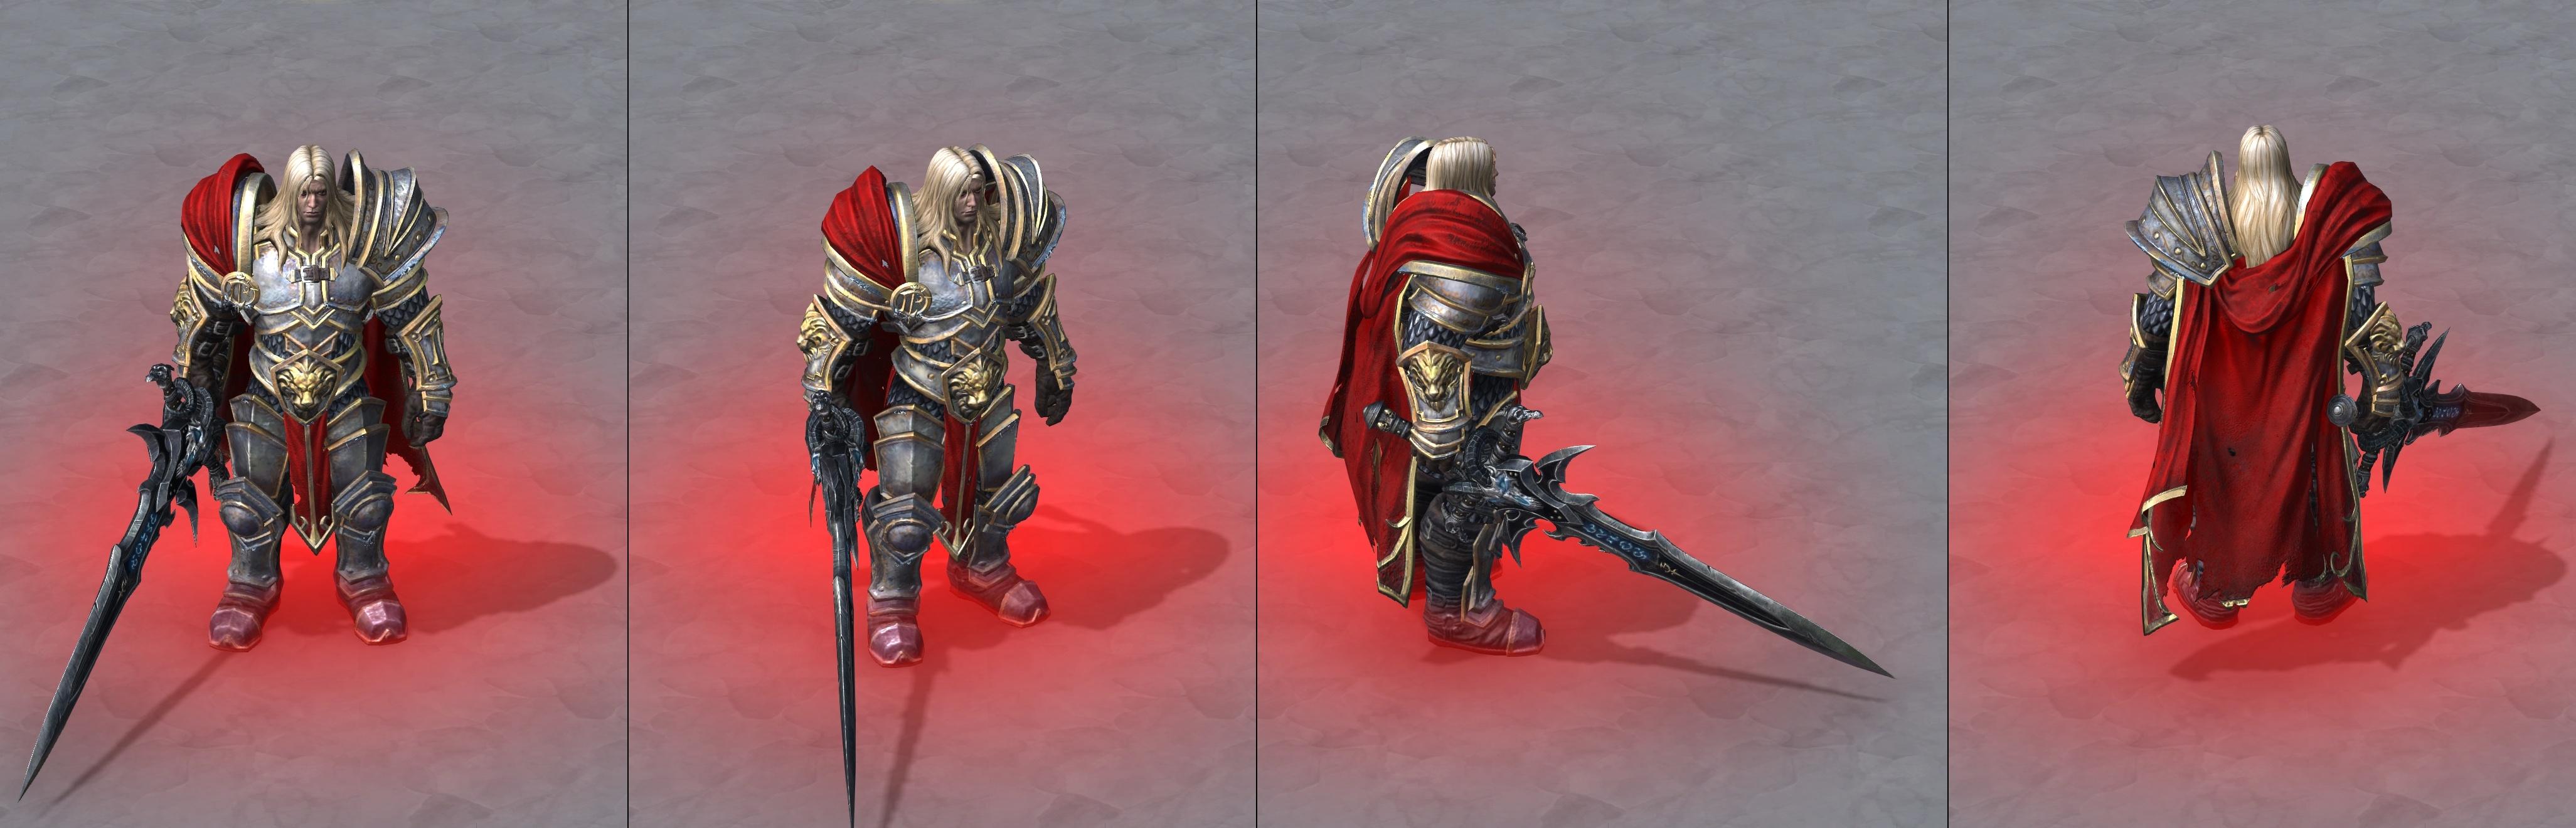 Утечка: озвучка и модели Сильваны, Артаса, Джайны и других персонажей Wacraft III: Reforged 10